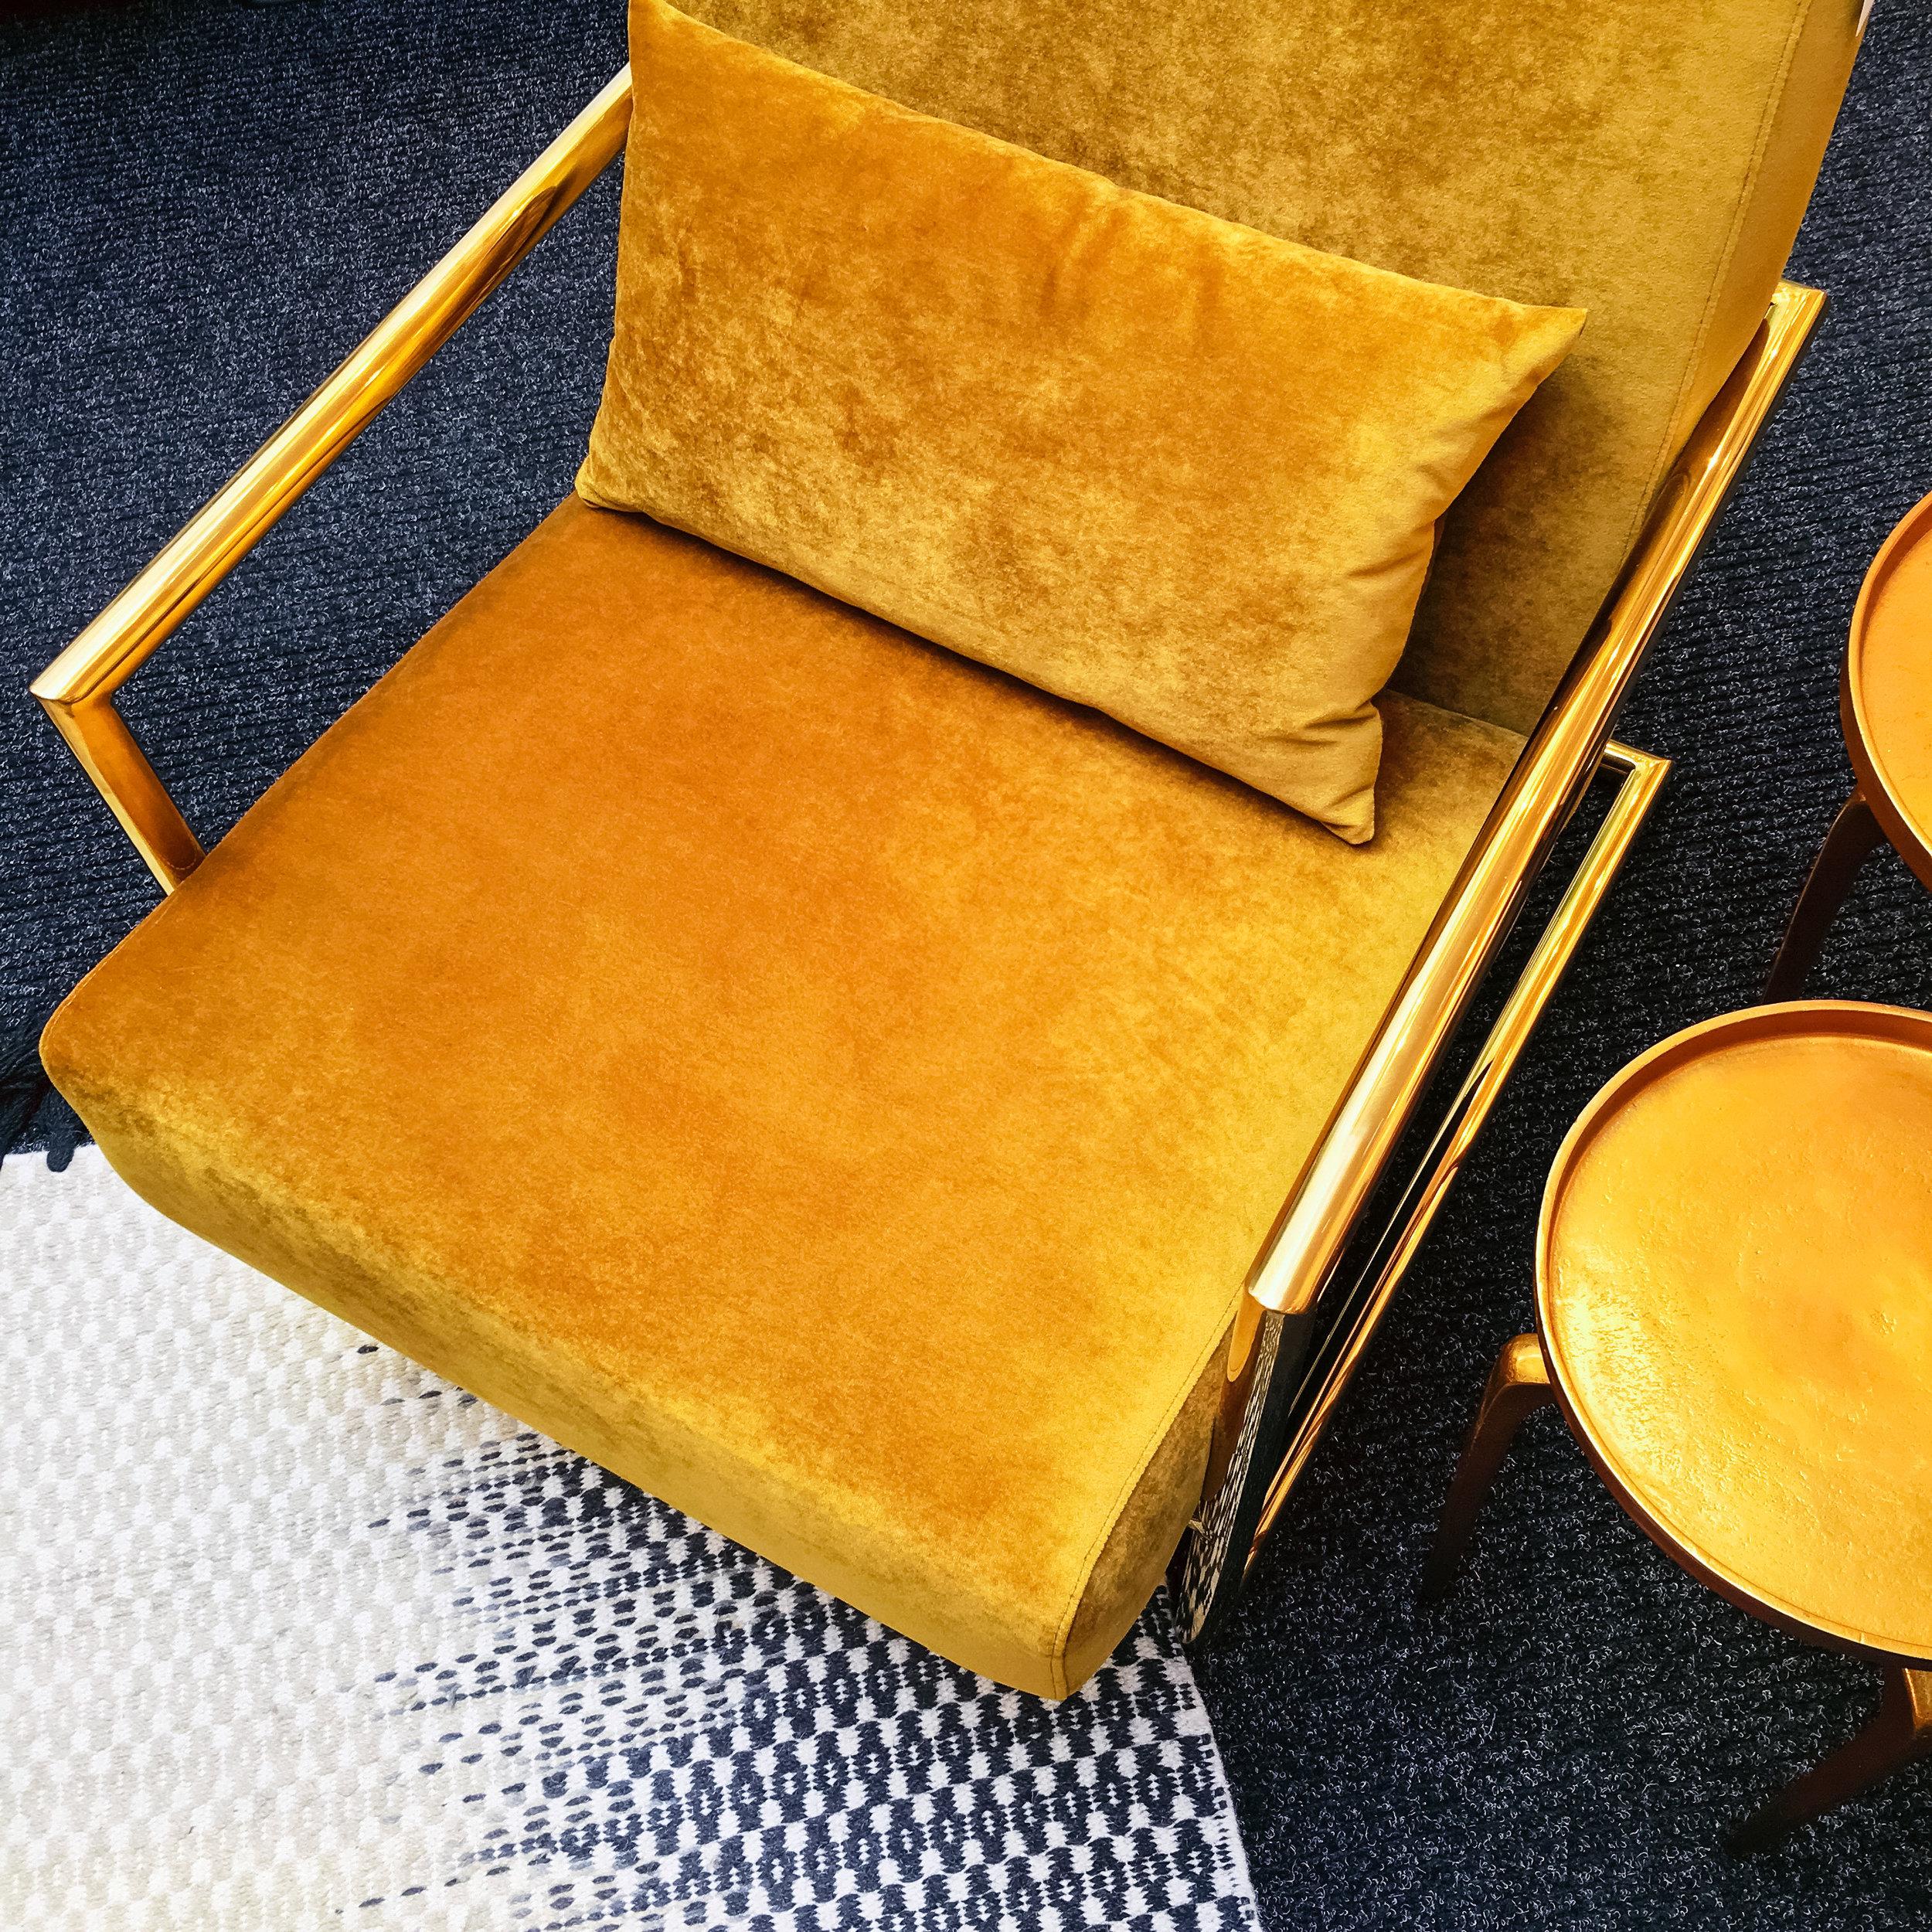 gold chair.jpg